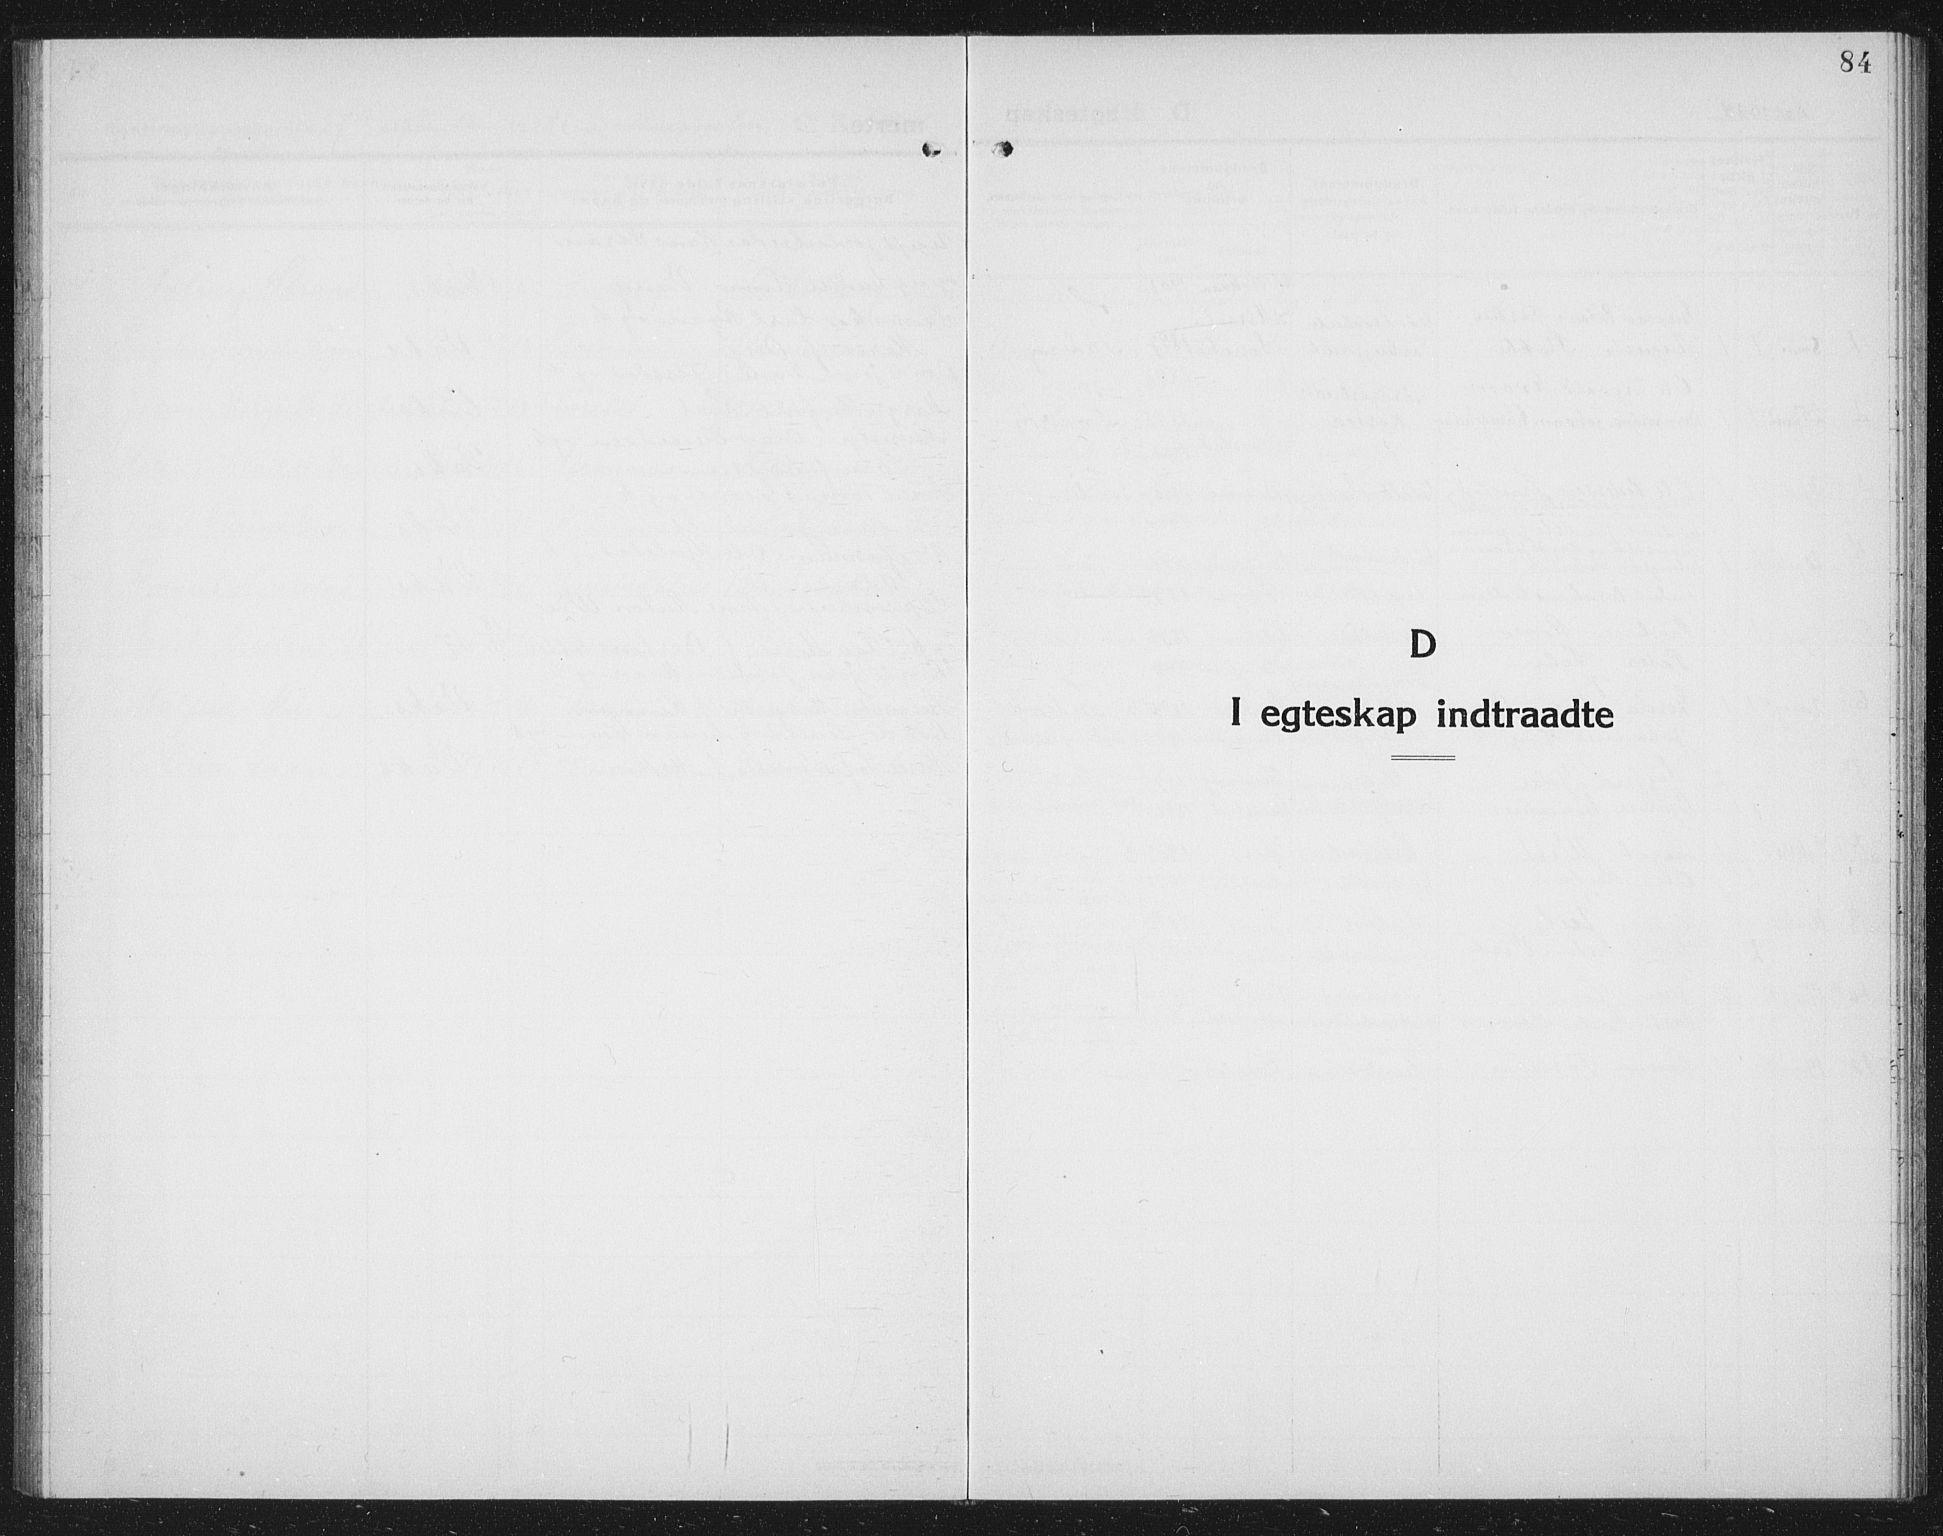 SAT, Ministerialprotokoller, klokkerbøker og fødselsregistre - Nord-Trøndelag, 730/L0303: Klokkerbok nr. 730C06, 1924-1933, s. 84